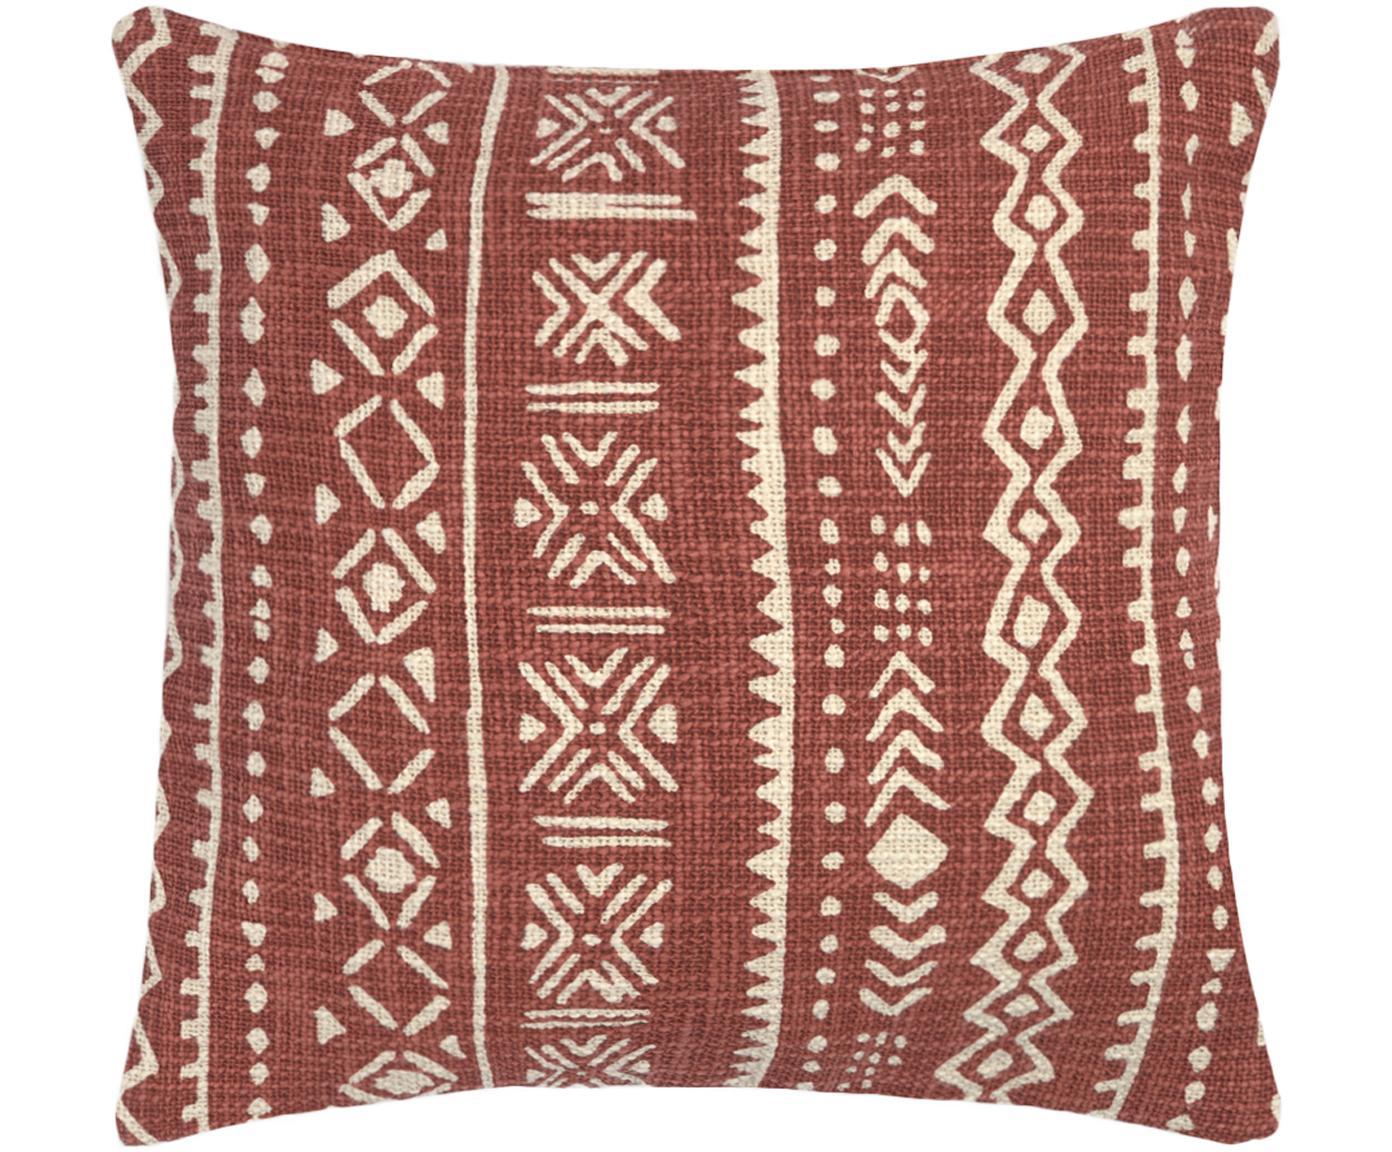 Federa arredo con motivo grafico Masai, Cotone, Bianco latteo, marrone, Larg. 45 x Lung. 45 cm